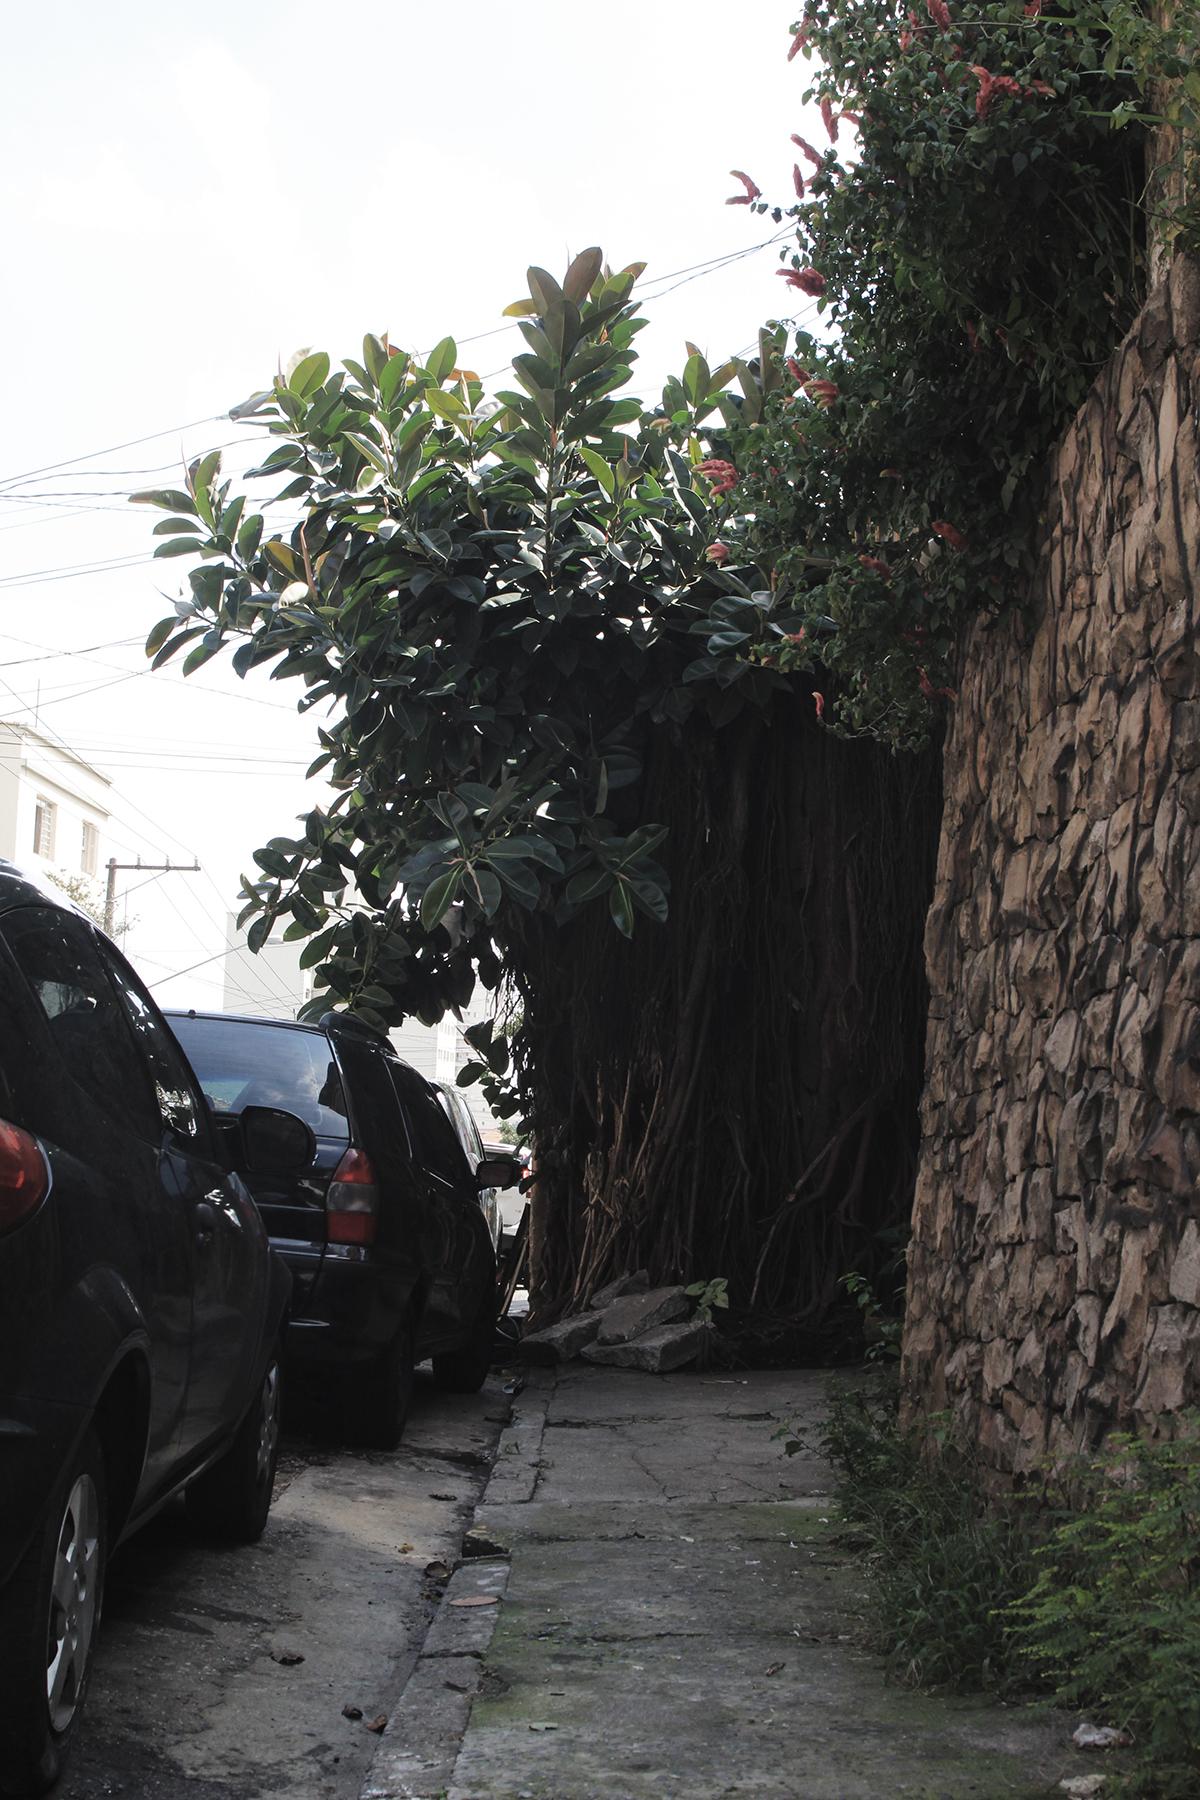 Rua Cajaiba, perto do nº 156, Perdizes: tinha pedras e raízes, e carros, e um muro, e não tinha uma calçada no fim do caminho